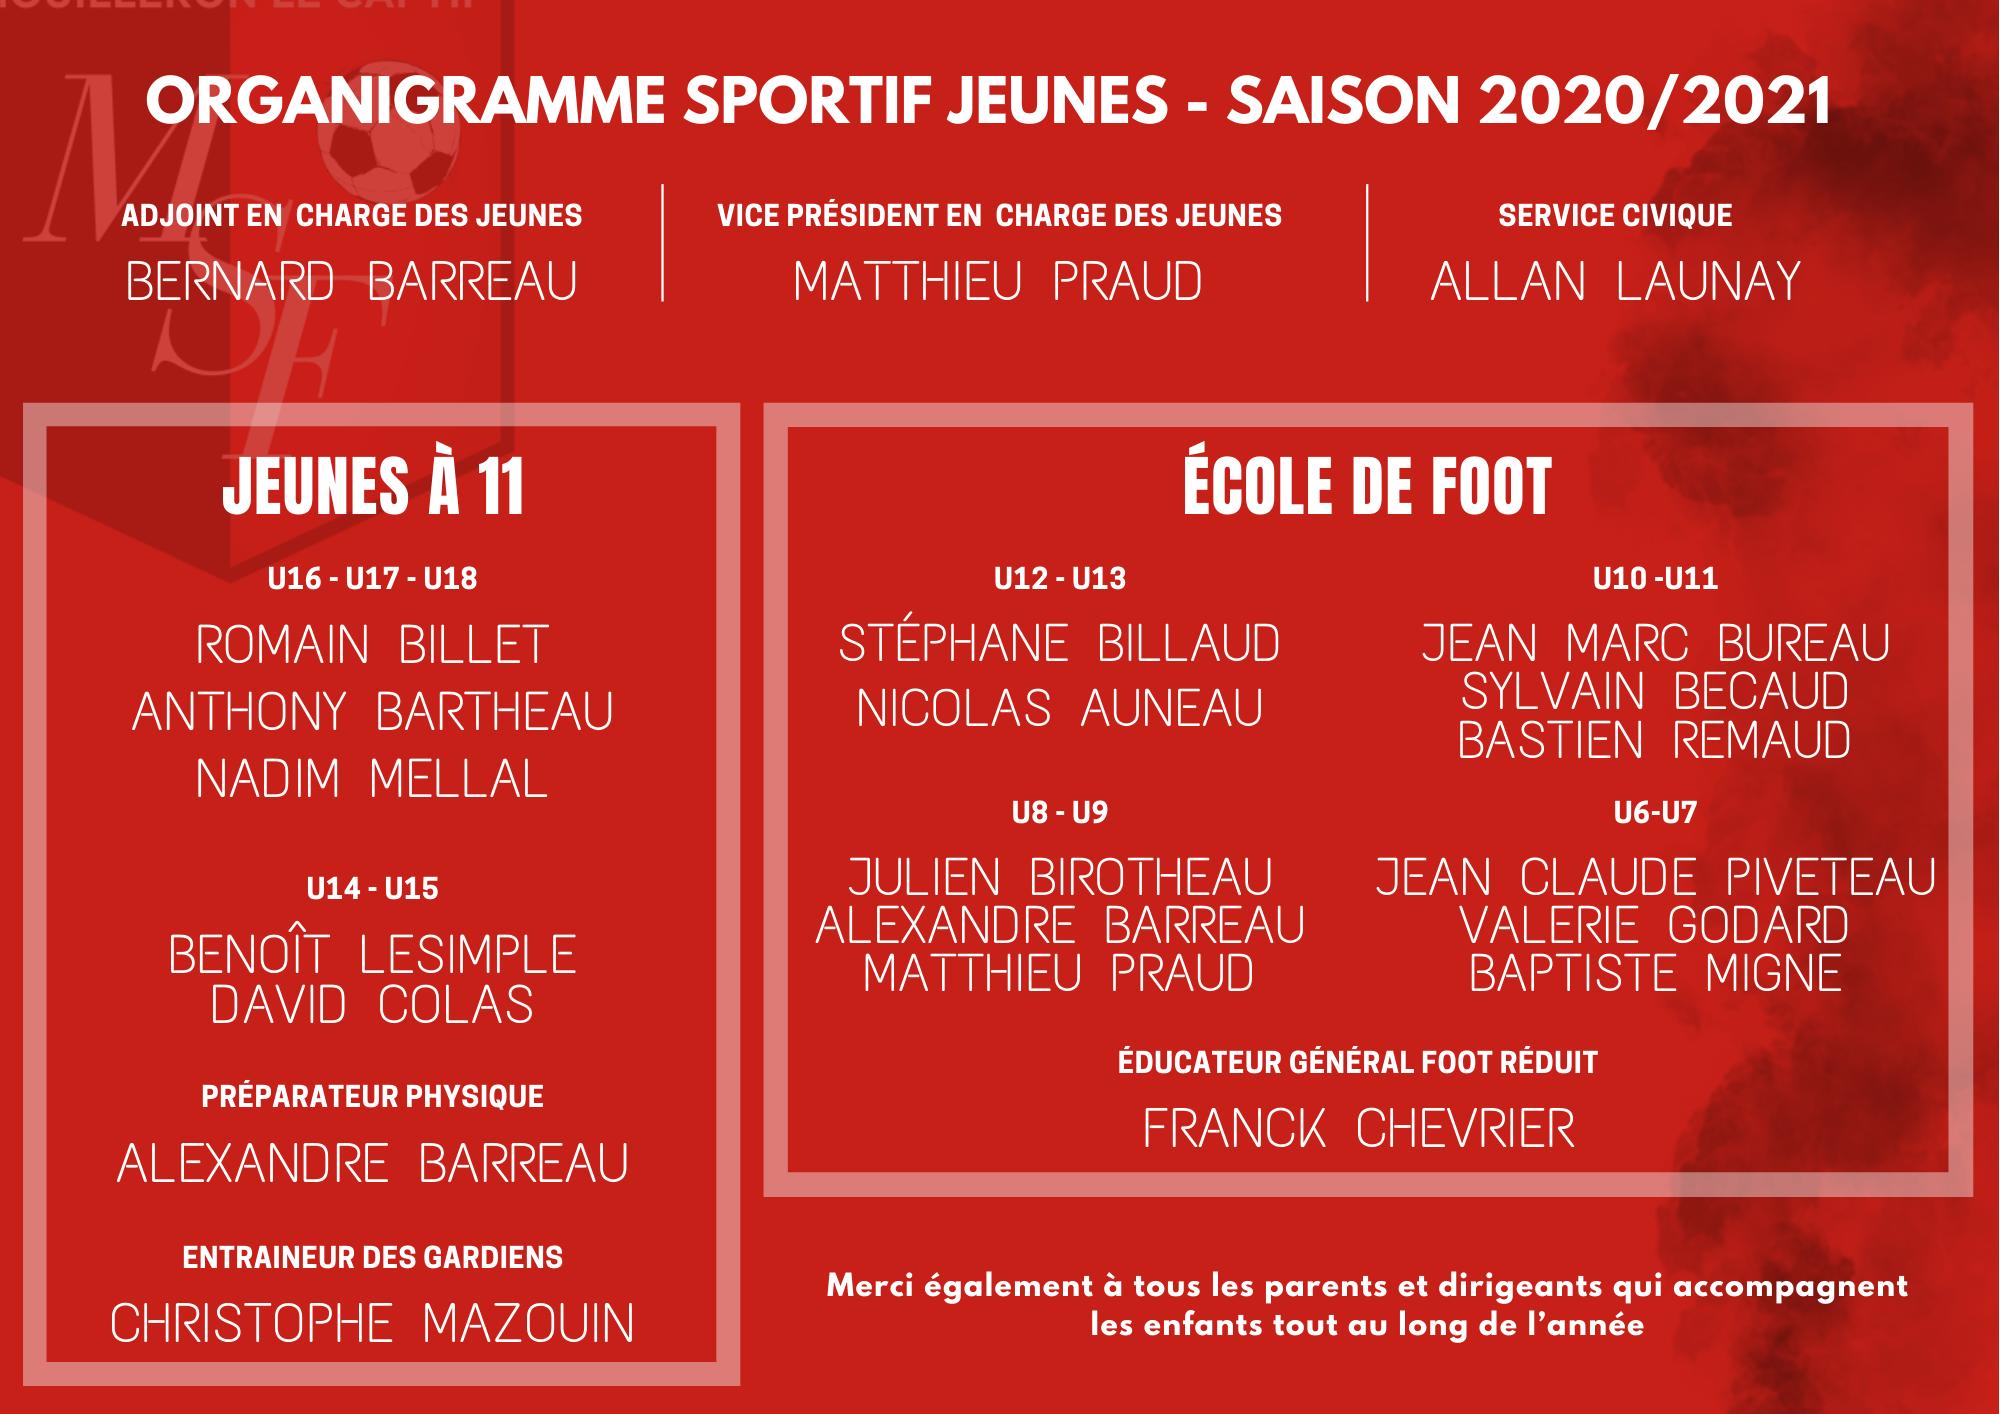 Organigramme sportif – saison 2020/2021